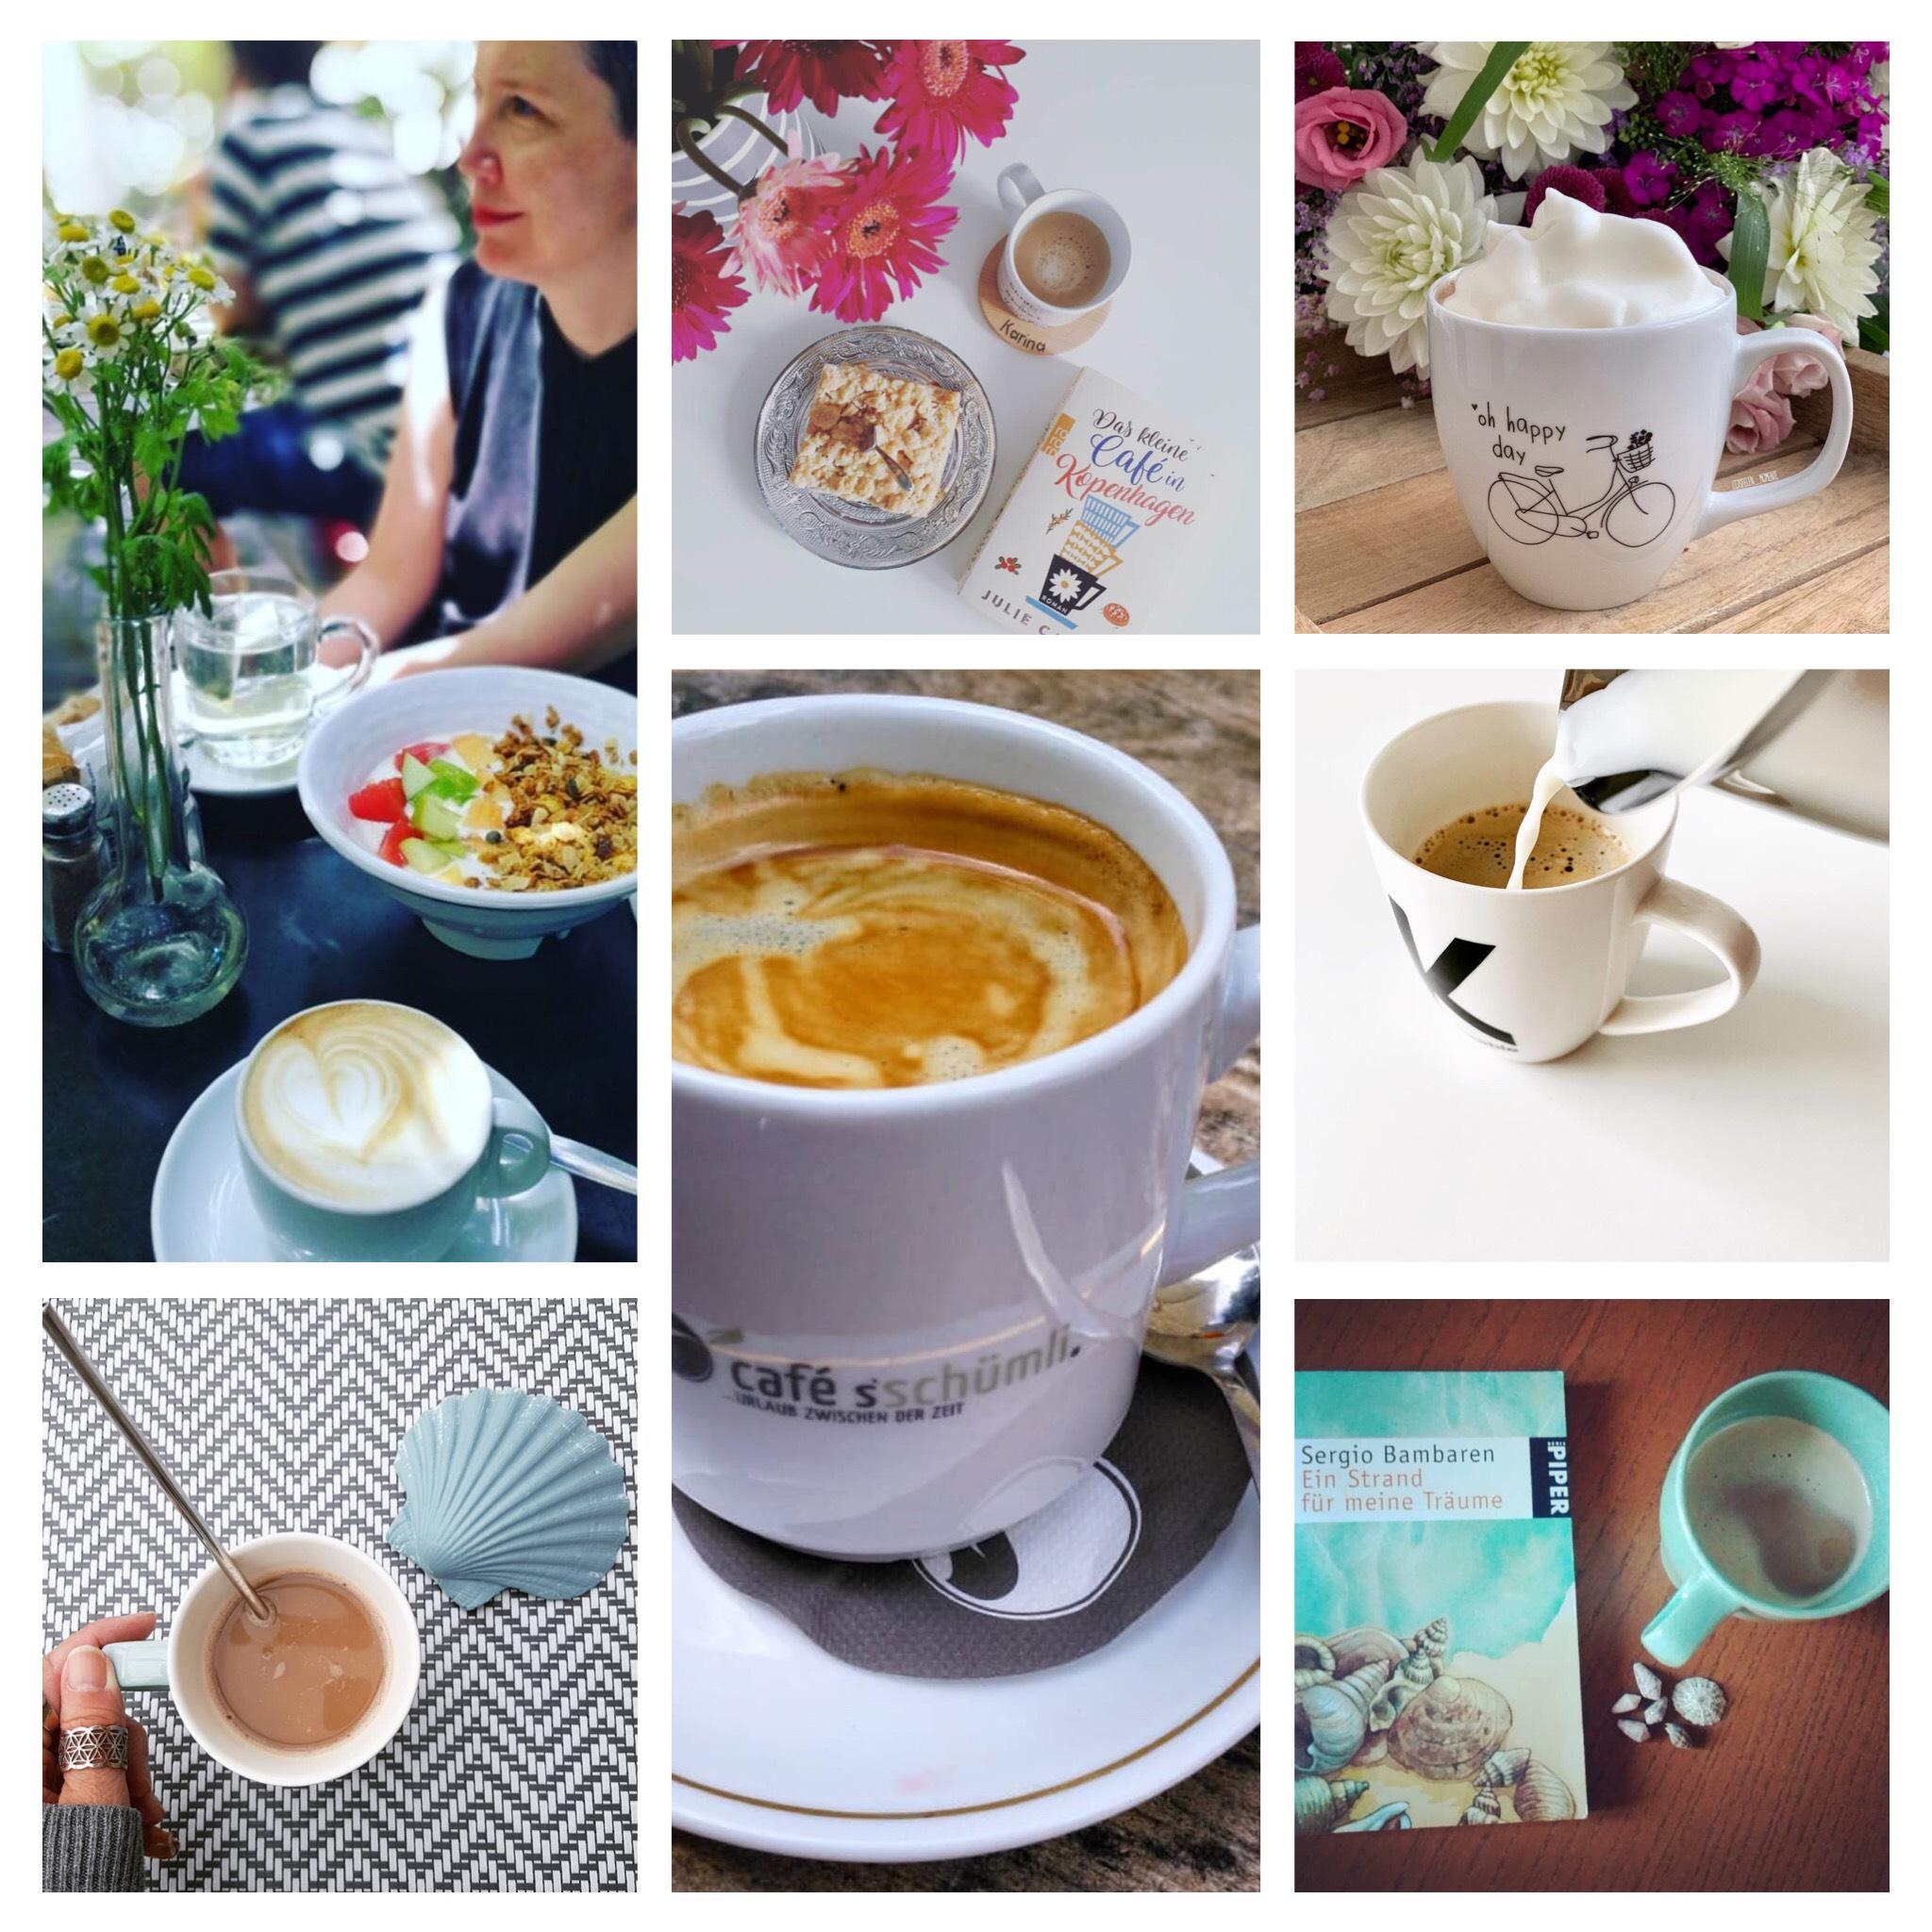 #mykaffeefoto, meinkaffeefoto, Wochenglückrückblick, Wochenendfeierei